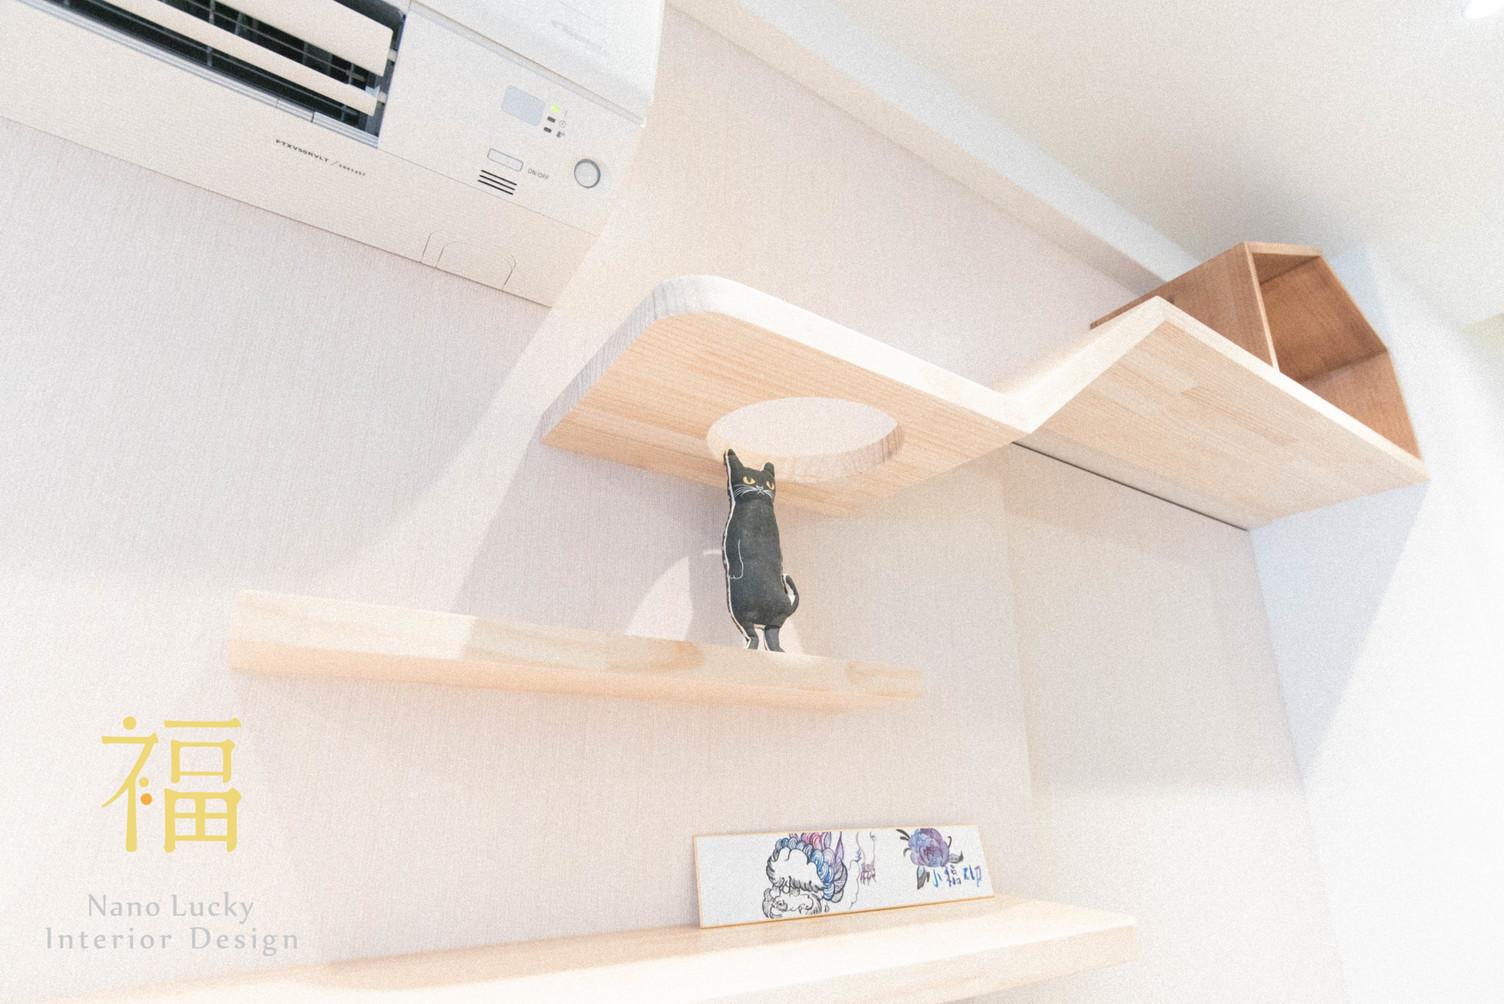 Nanolucky小福砌空間設計-忠孝北街貓貓宅--住宅設計-寵物友善設計